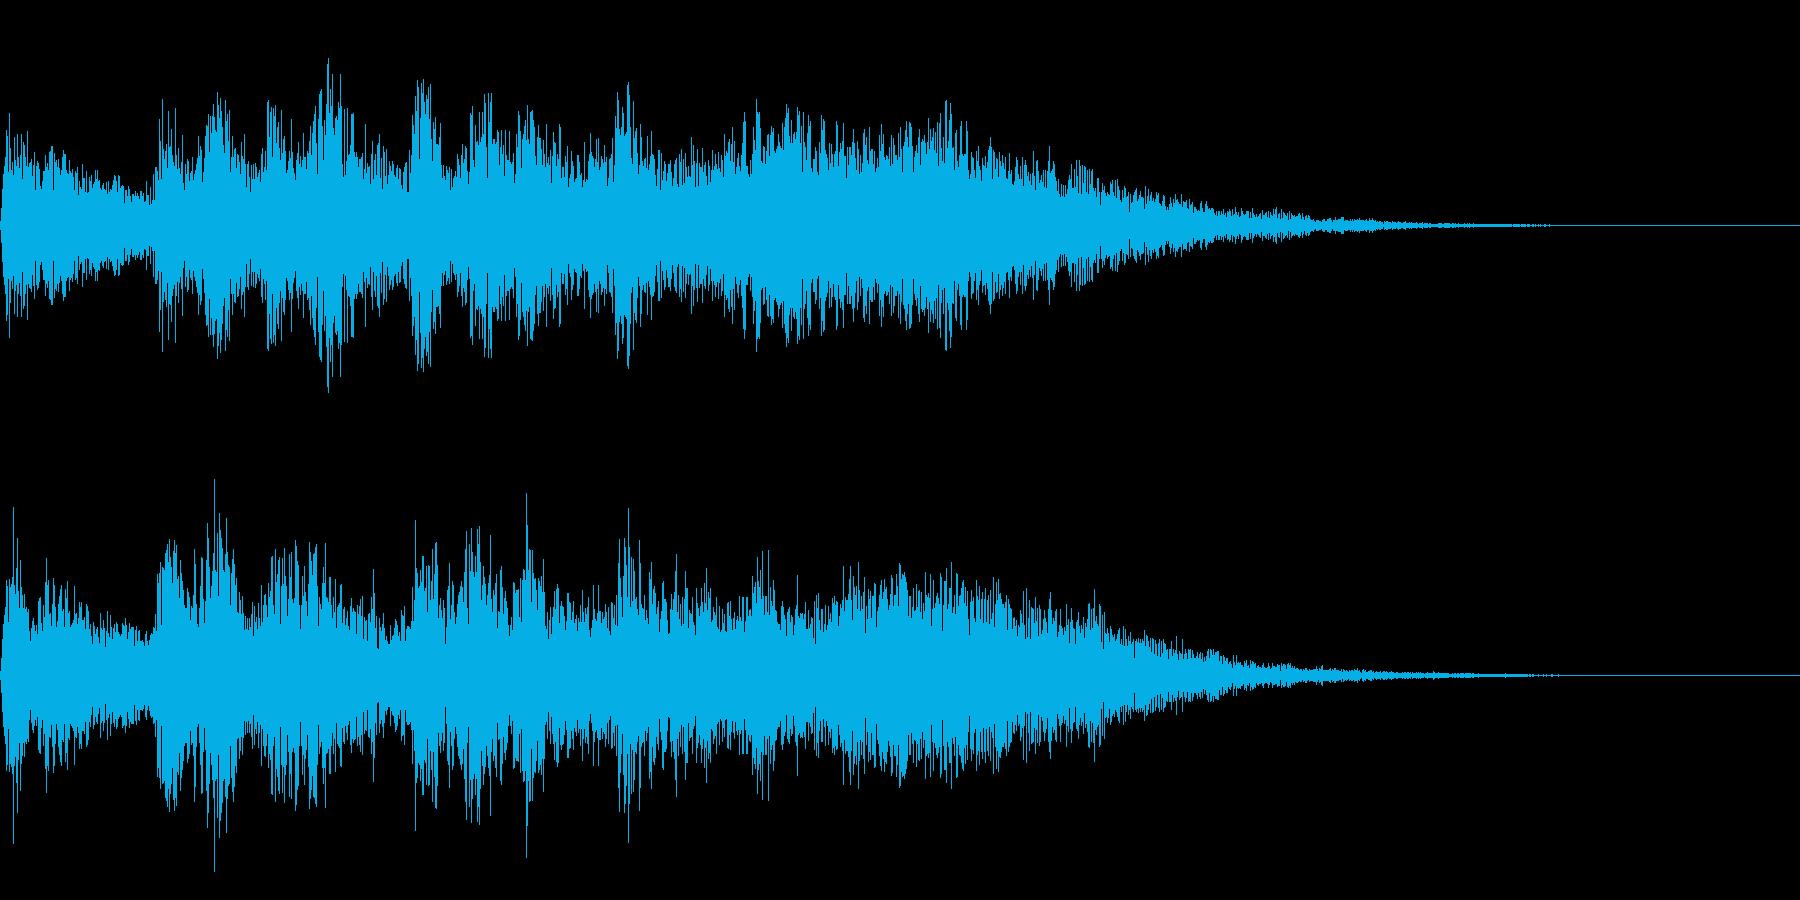 ファンファーレ ステージクリア 達成の再生済みの波形